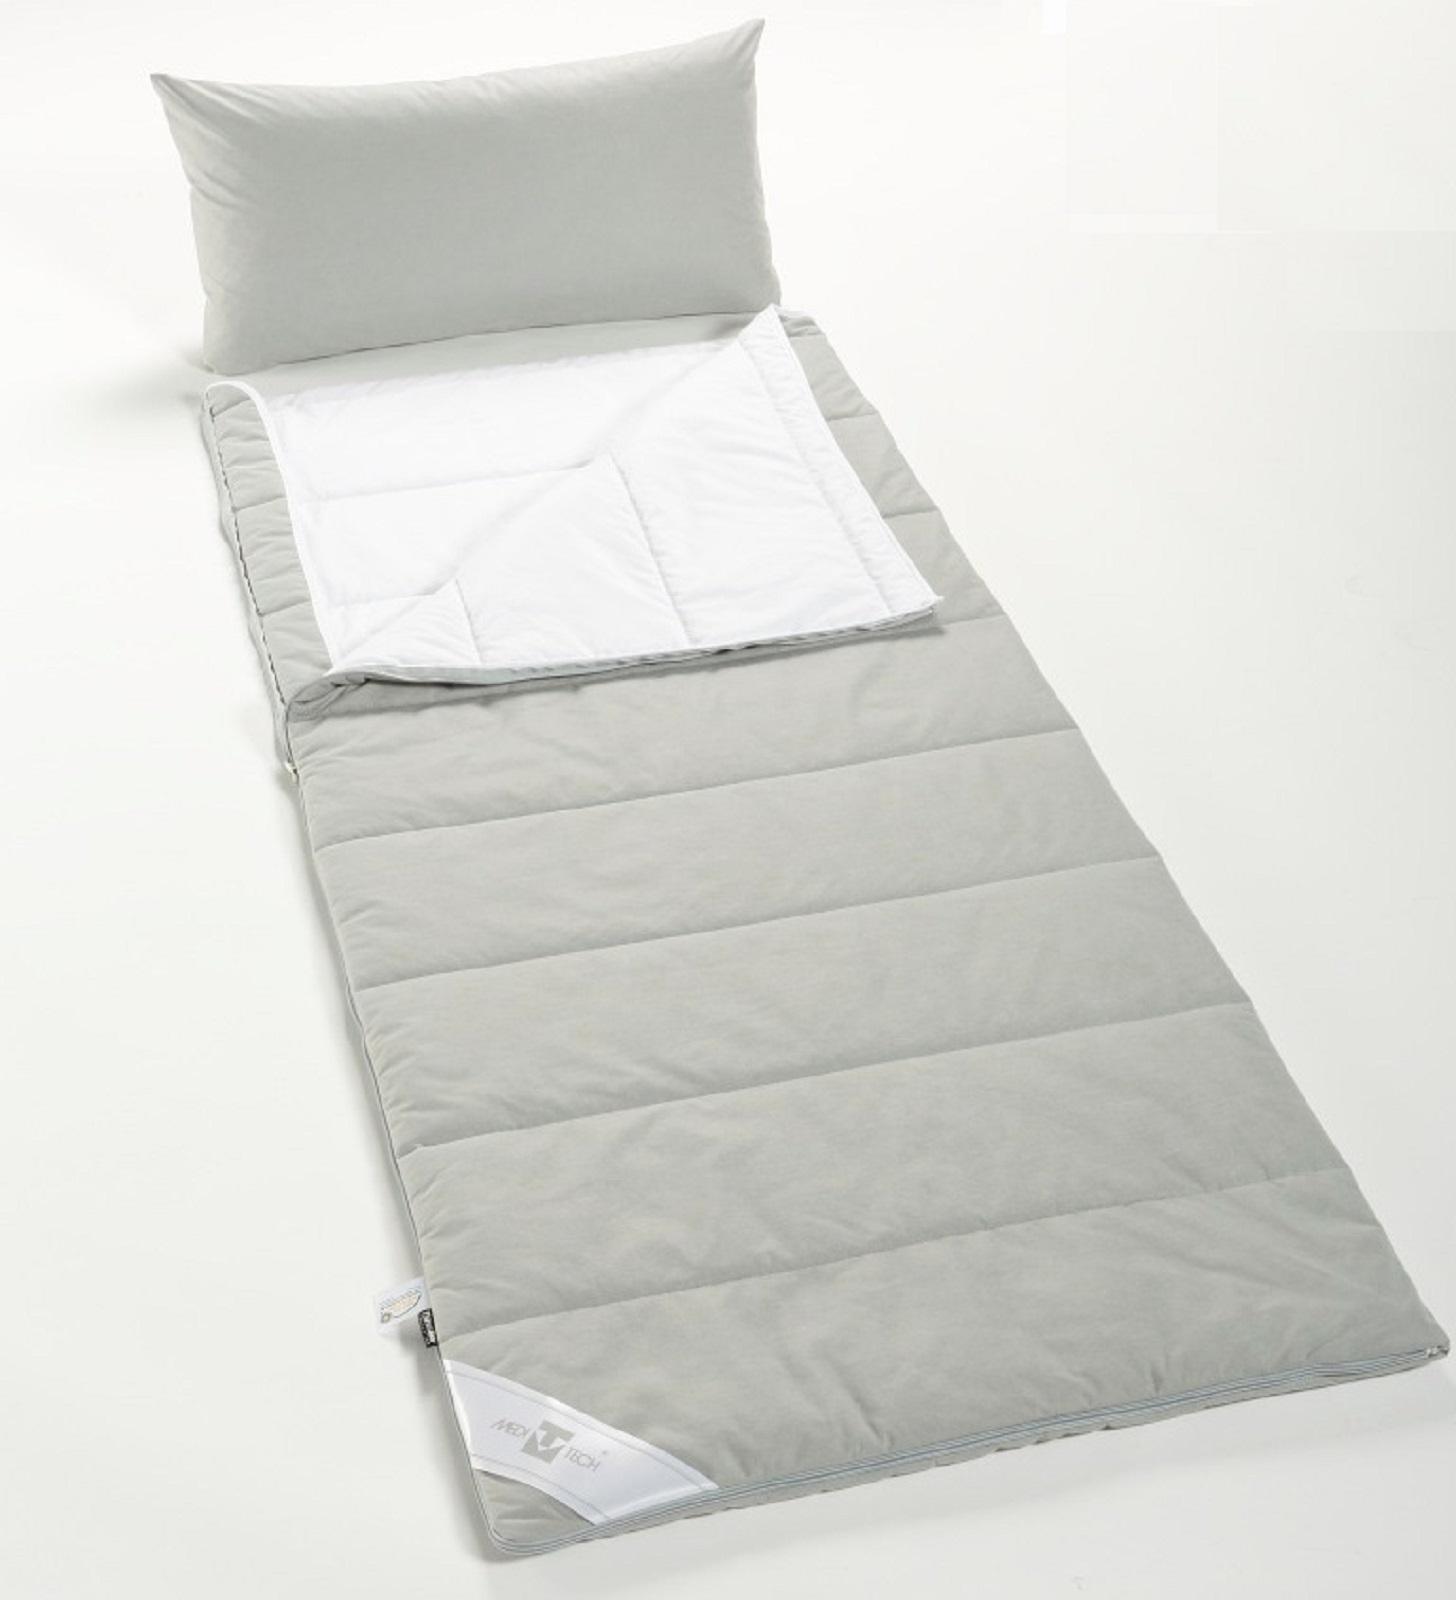 Pulmanova Anti Allergie Encasing Schlafsack mit GRATIS Kissenbezug 40x80 cm